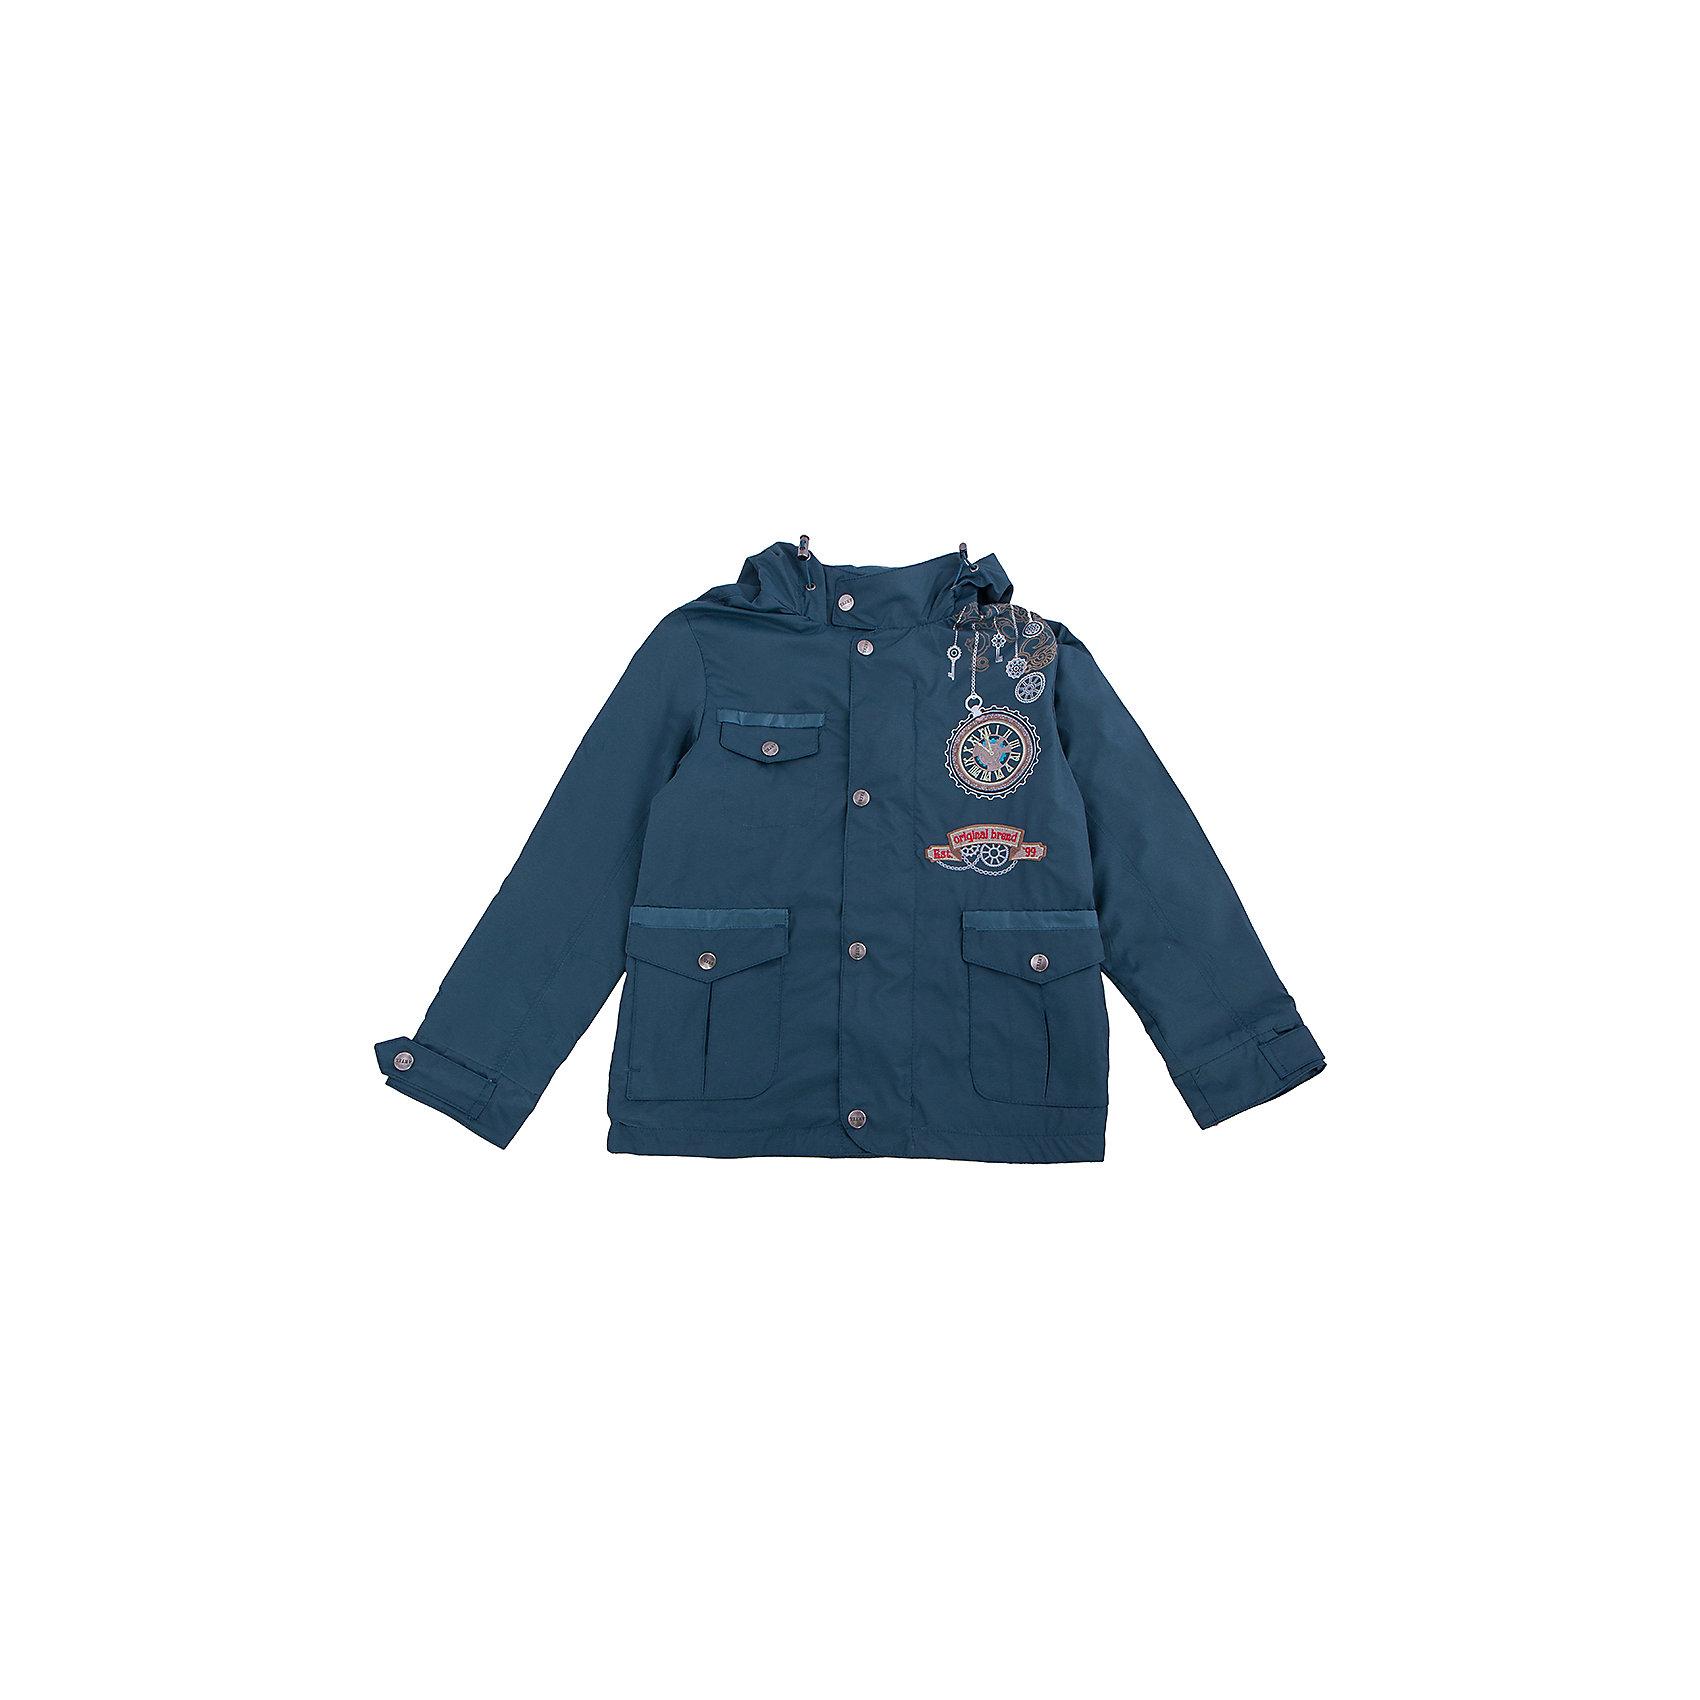 Ветровка для мальчика АртельВерхняя одежда<br>Ветровка для мальчика от торговой марки Артель &#13;<br>&#13;<br>Модная легкая куртка отлично подойдет для прогулок в прохладную погоду. Изделие выполнено из качественных материалов, имеет удобные карманы и капюшон. <br>Одежда от бренда Артель – это высокое качество по приемлемой цене и всегда продуманный дизайн. &#13;<br>&#13;<br>Особенности модели: &#13;<br>- цвет - зеленый;&#13;<br>- наличие карманов;&#13;<br>- наличие капюшона;&#13;<br>- клапан на кнопках;&#13;<br>- декорирована принтом;&#13;<br>- застежка-молния.&#13;<br>&#13;<br>Дополнительная информация:&#13;<br>&#13;<br>Состав: &#13;<br>- верх: FITSYSTEM ;&#13;<br>- подкладка: тиси.&#13;<br>&#13;<br>Температурный режим: &#13;<br>от +10 °C до +20 °C&#13;<br>&#13;<br>Ветровку для мальчика Артель (Artel) можно купить в нашем магазине.<br><br>Ширина мм: 356<br>Глубина мм: 10<br>Высота мм: 245<br>Вес г: 519<br>Цвет: зеленый<br>Возраст от месяцев: 120<br>Возраст до месяцев: 132<br>Пол: Мужской<br>Возраст: Детский<br>Размер: 146,128,140,134<br>SKU: 4496192